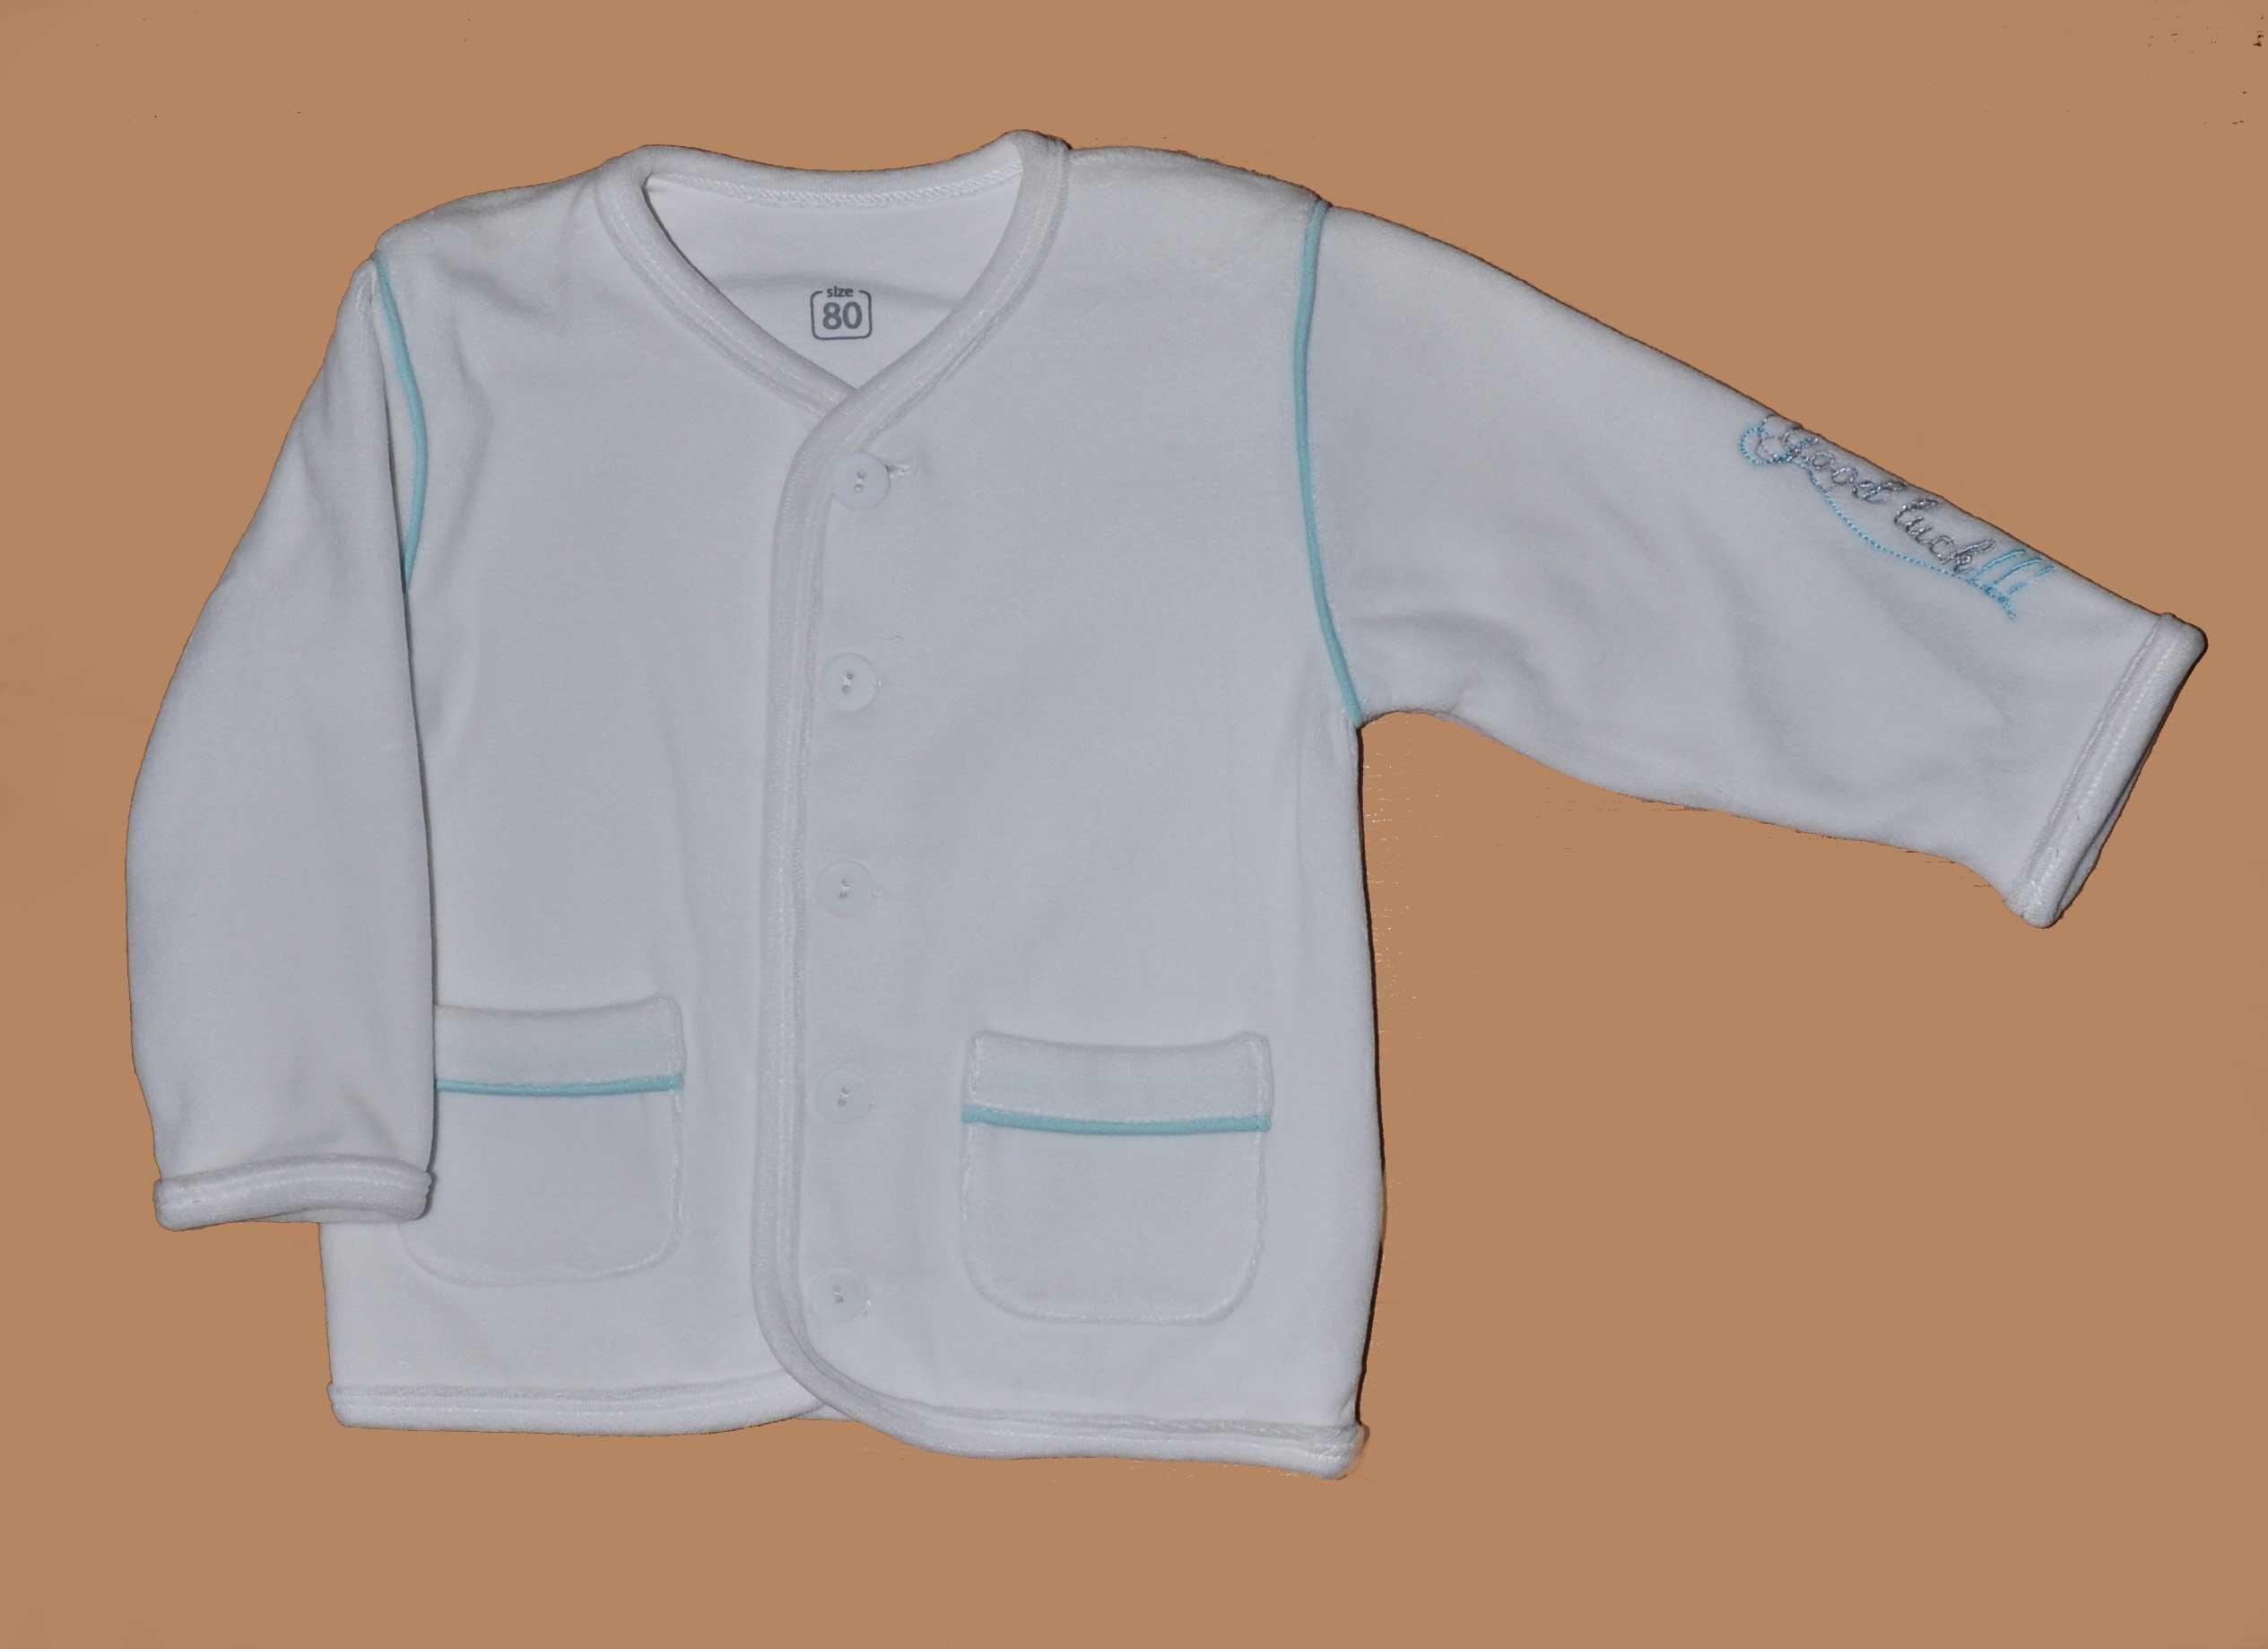 Kojenecký kabátek samet s výšivkou vel. 80 bílá